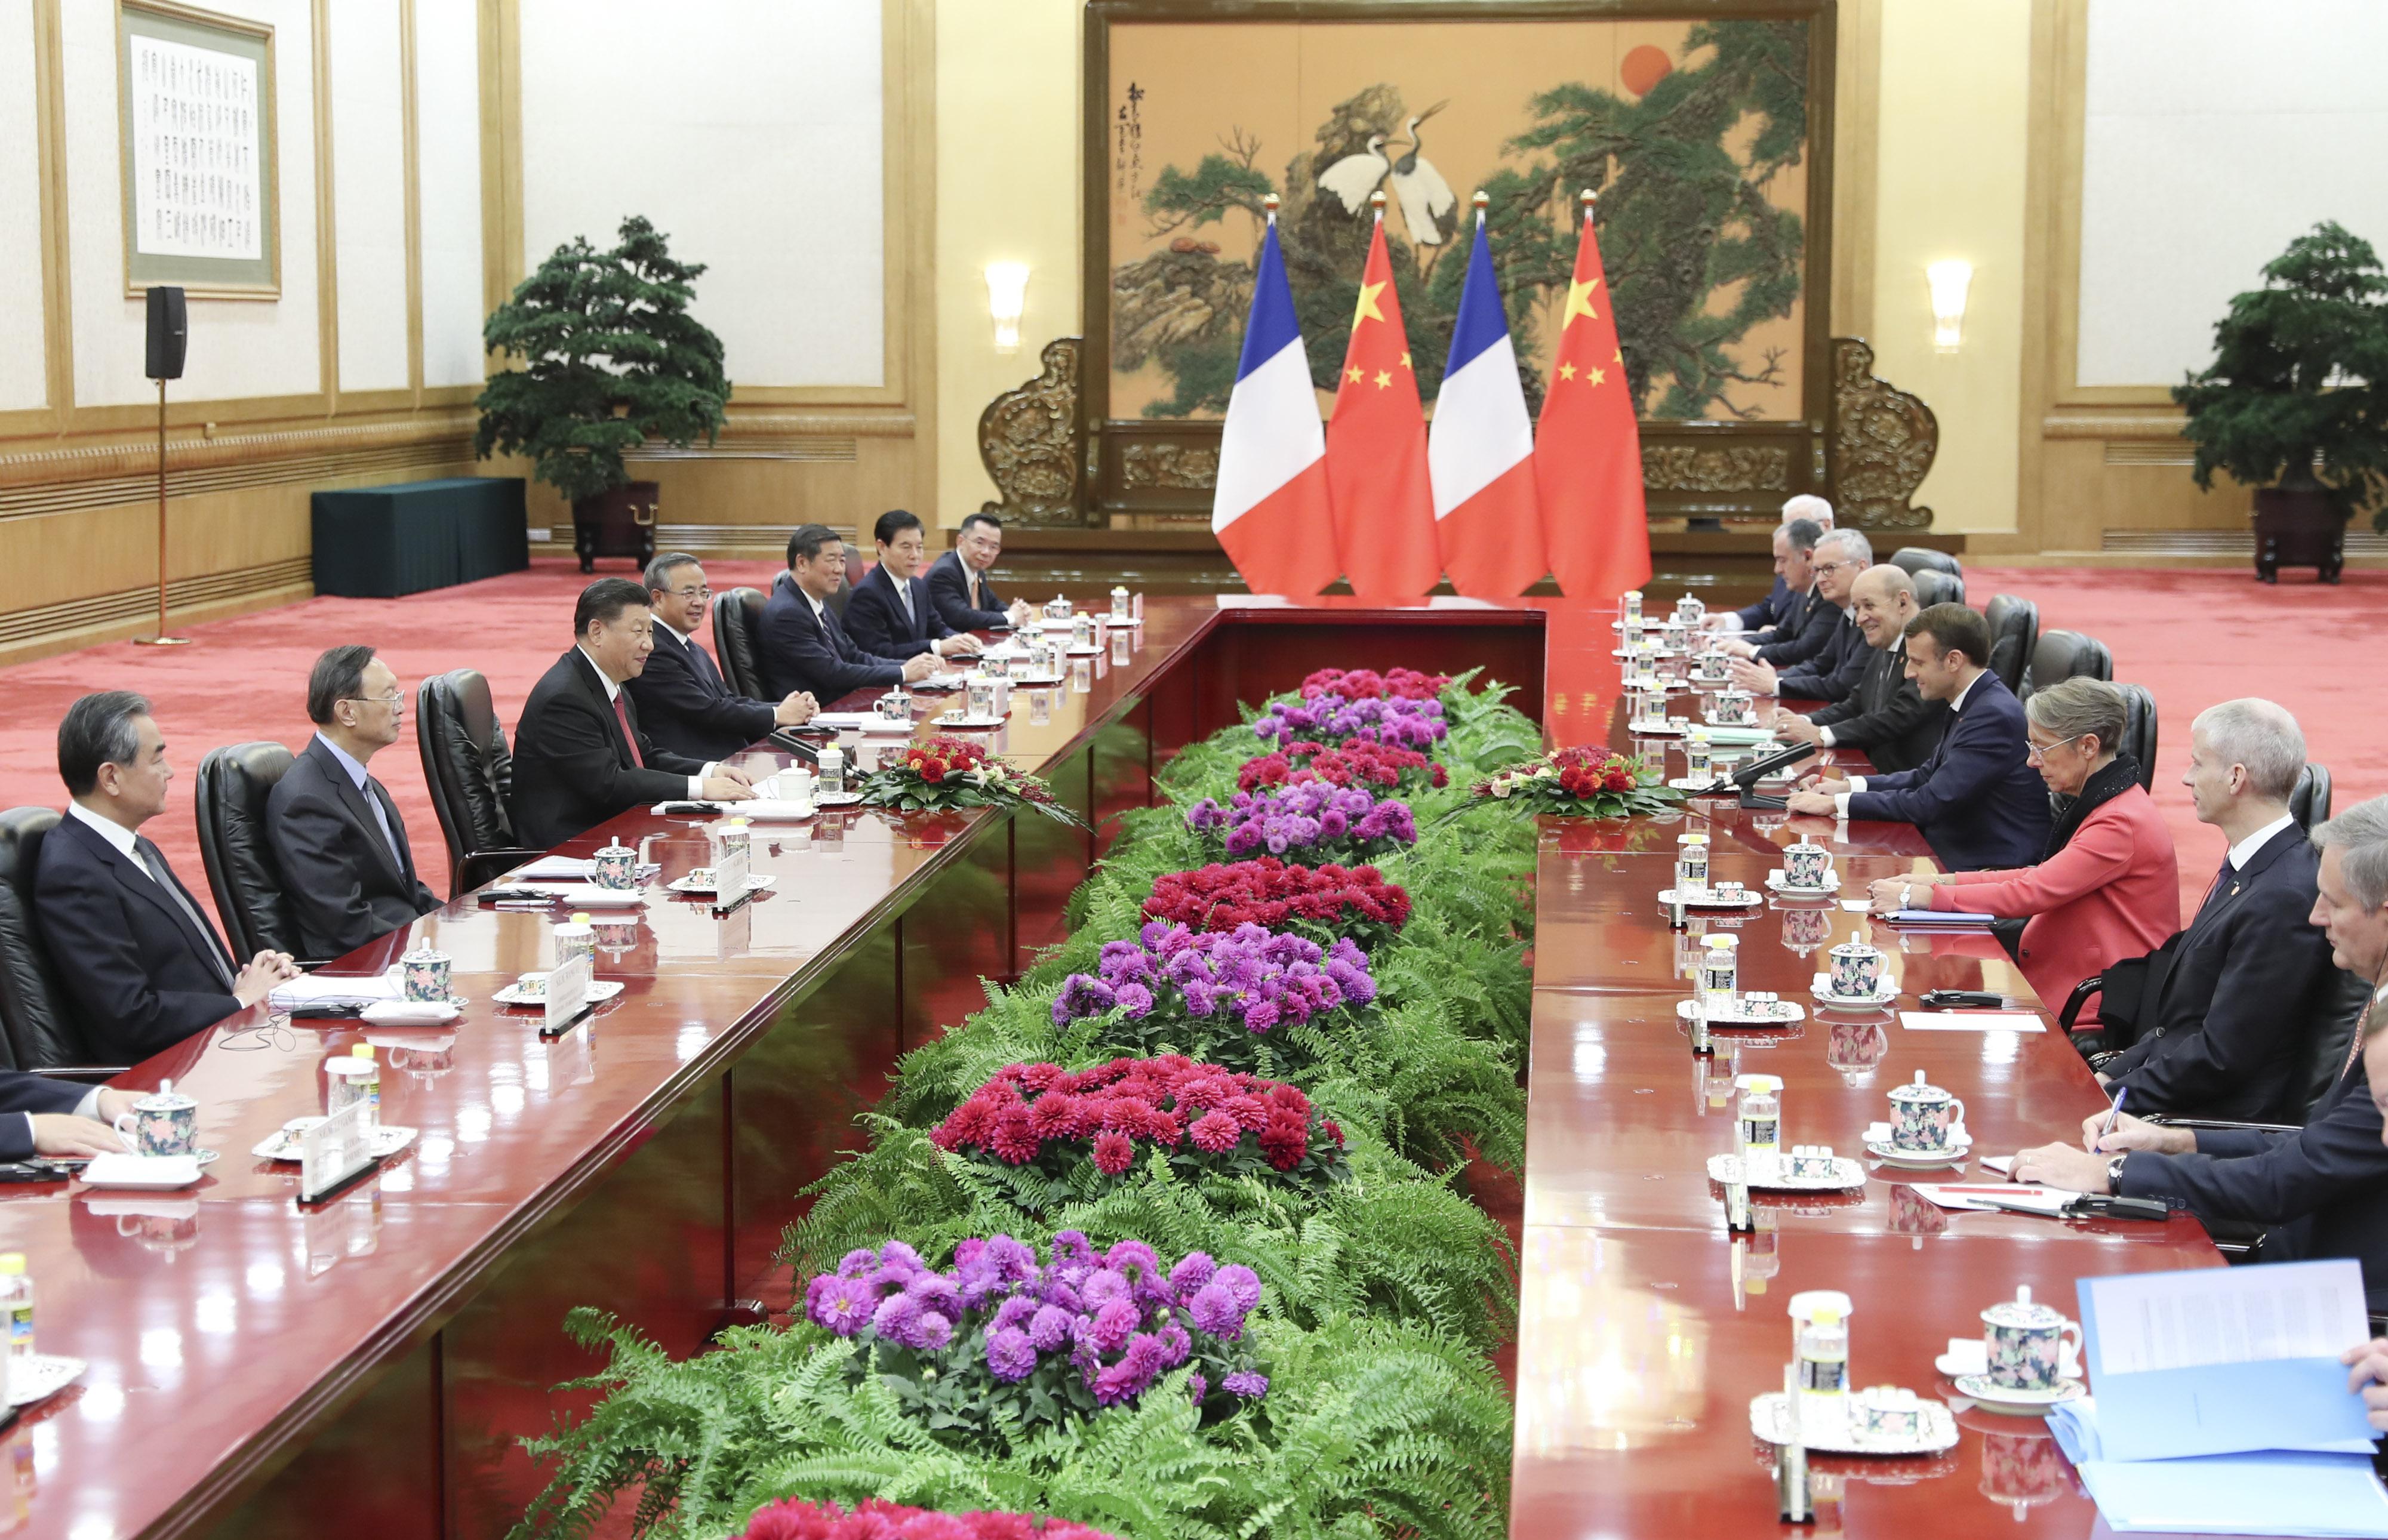 習近平主席、仏大統領と会談 協力深化に向け六つの目標打ち出す